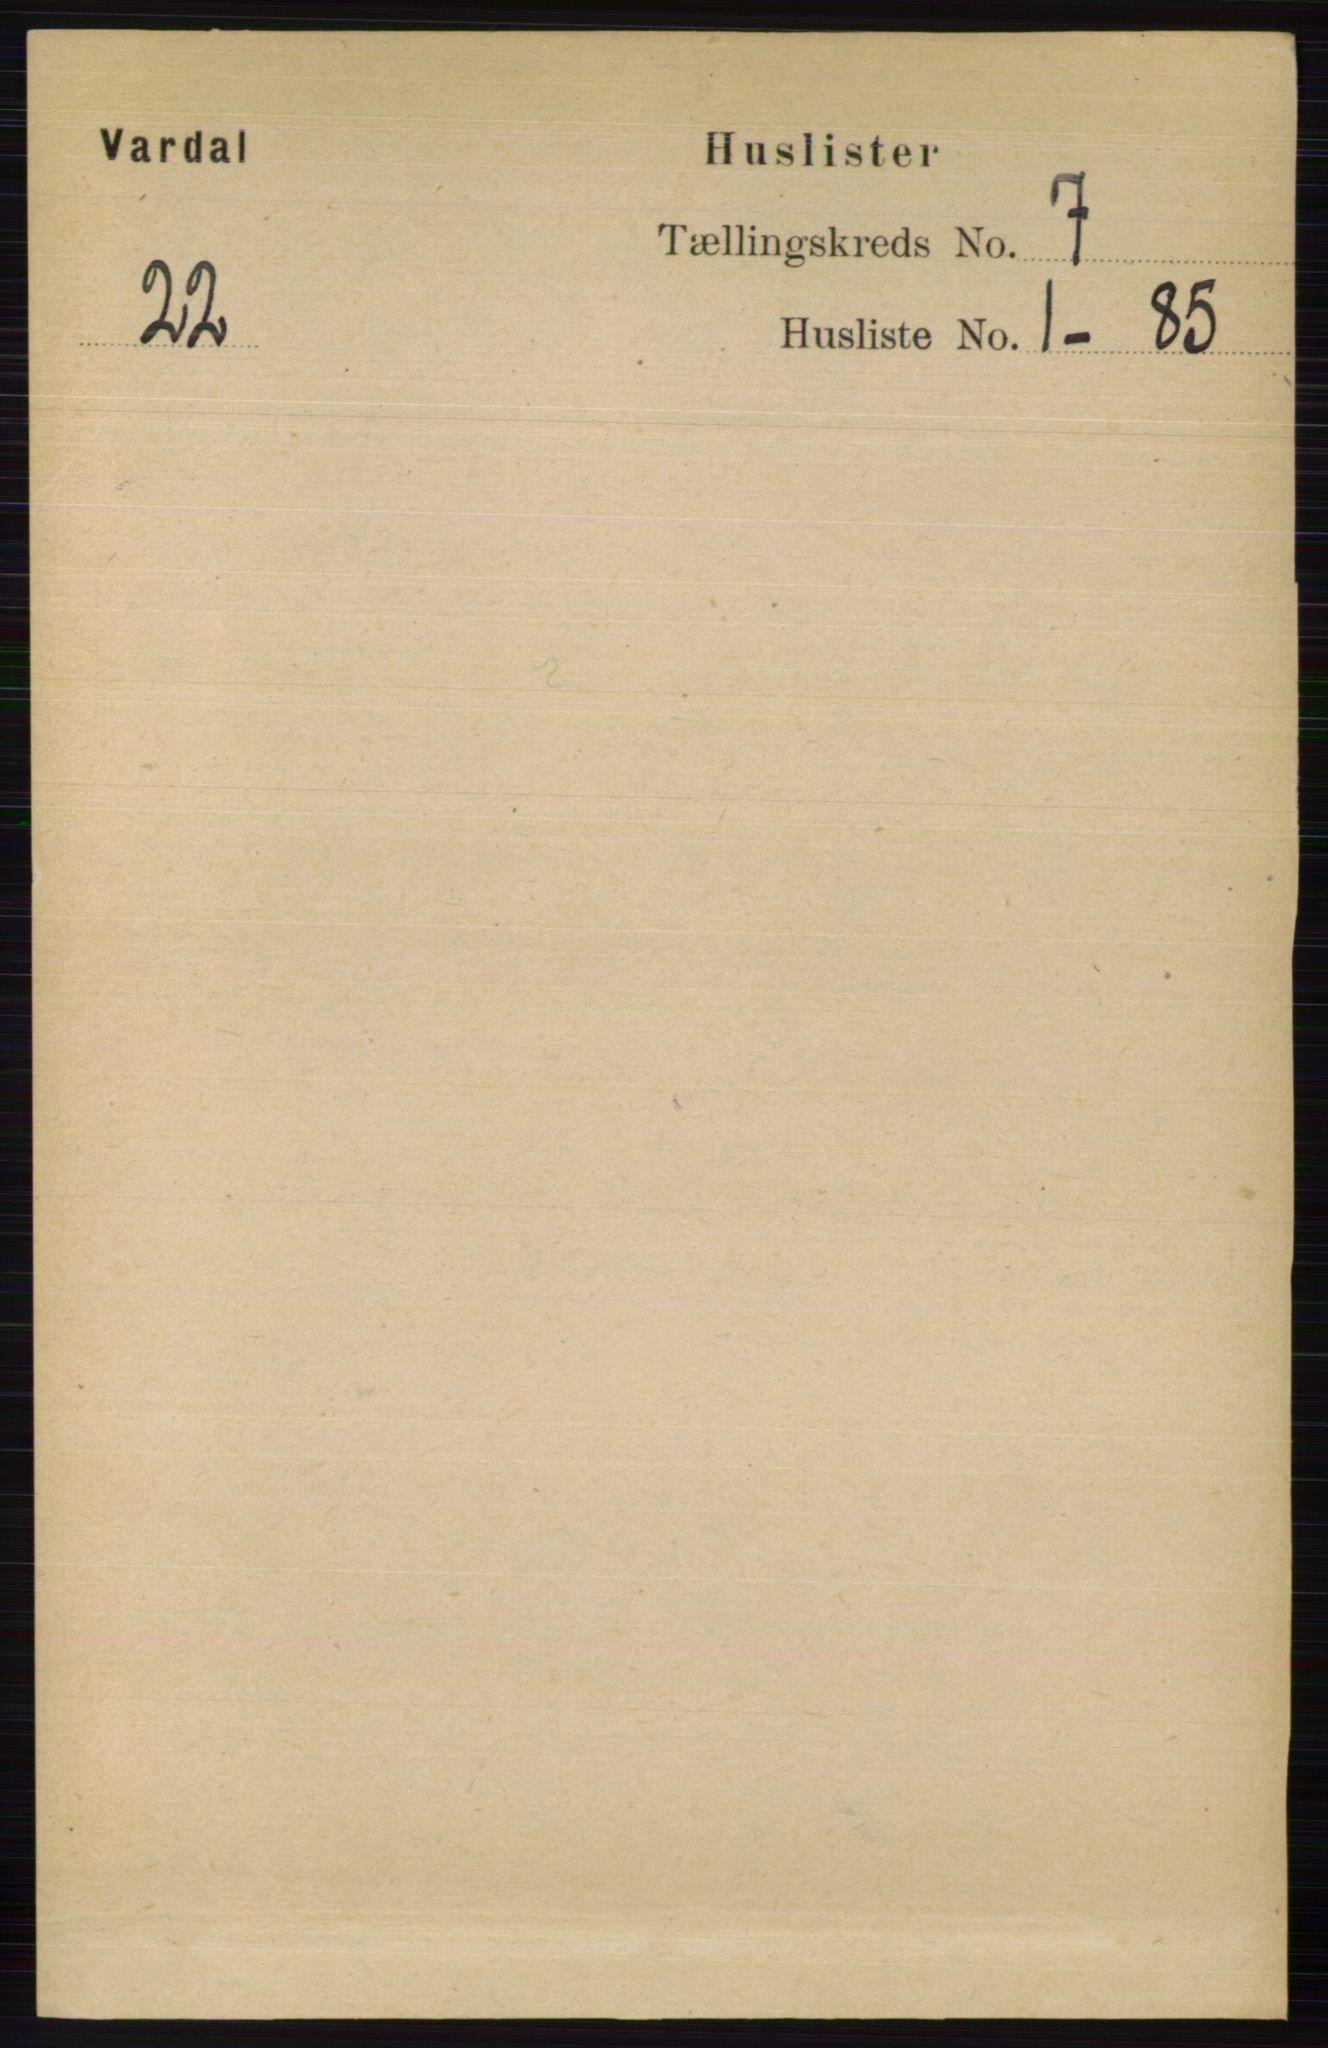 RA, Folketelling 1891 for 0527 Vardal herred, 1891, s. 2881